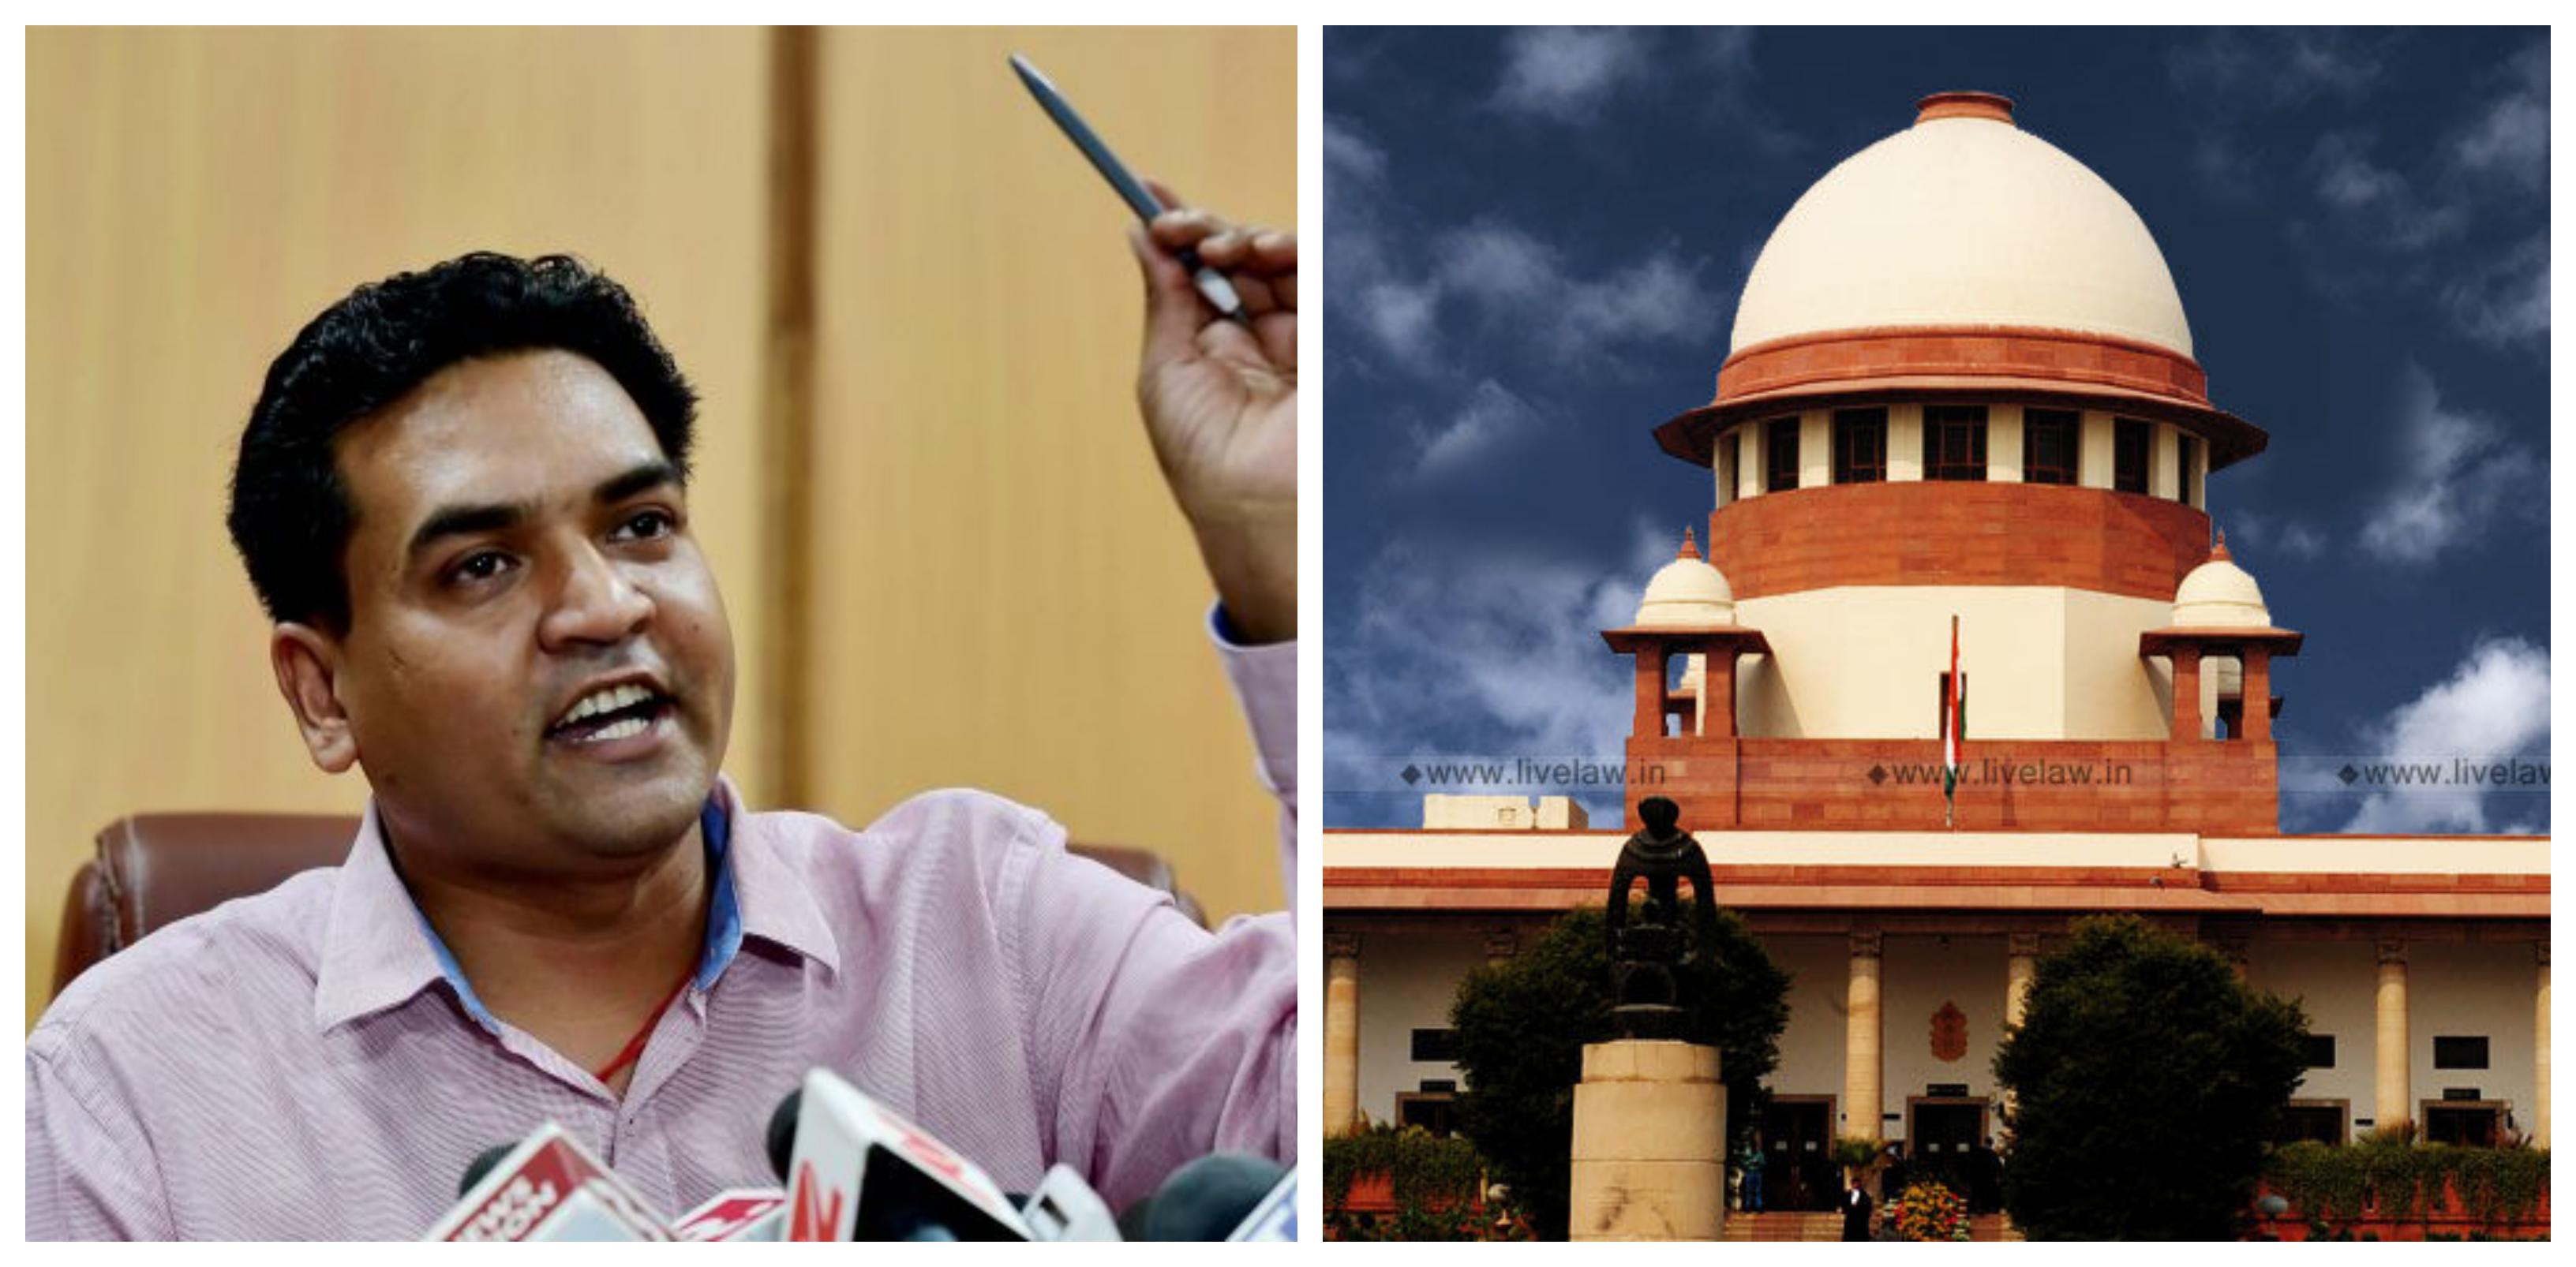 BJP Leader Kapil Mishra Moves Supreme Court Seeking Mechanism To Deal With False Criminal Cases